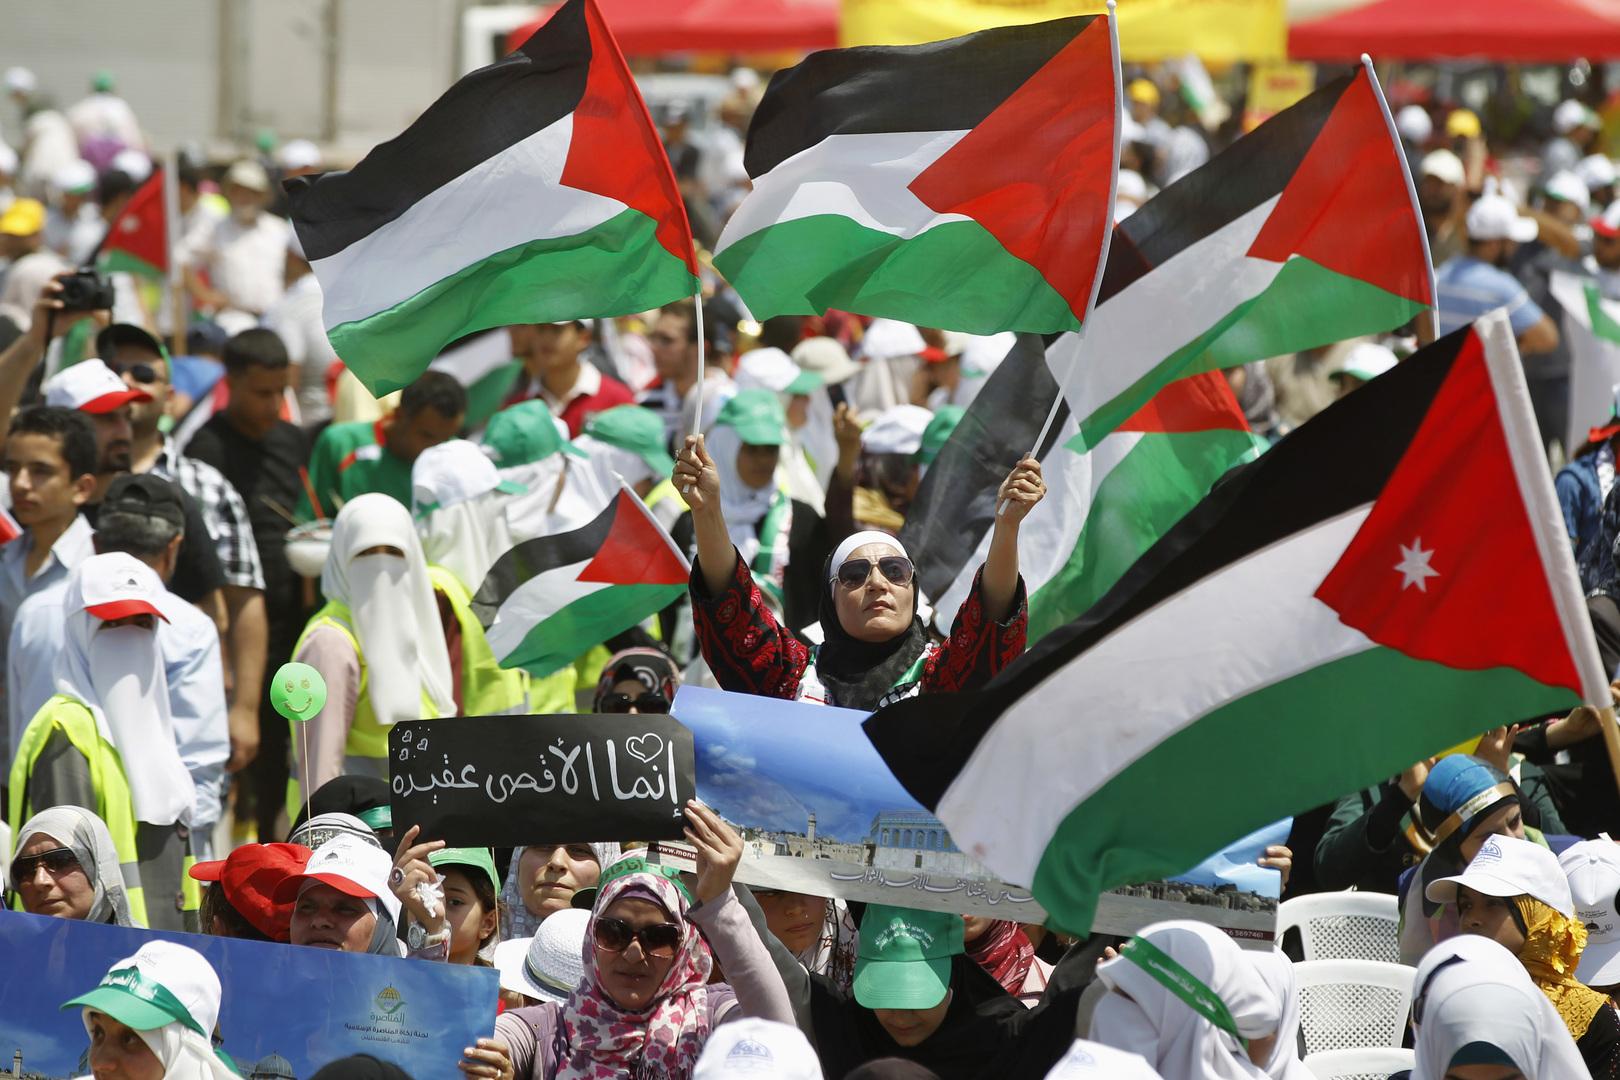 مواطنون يحملون العلم الفلسطيني والعلم الأردني